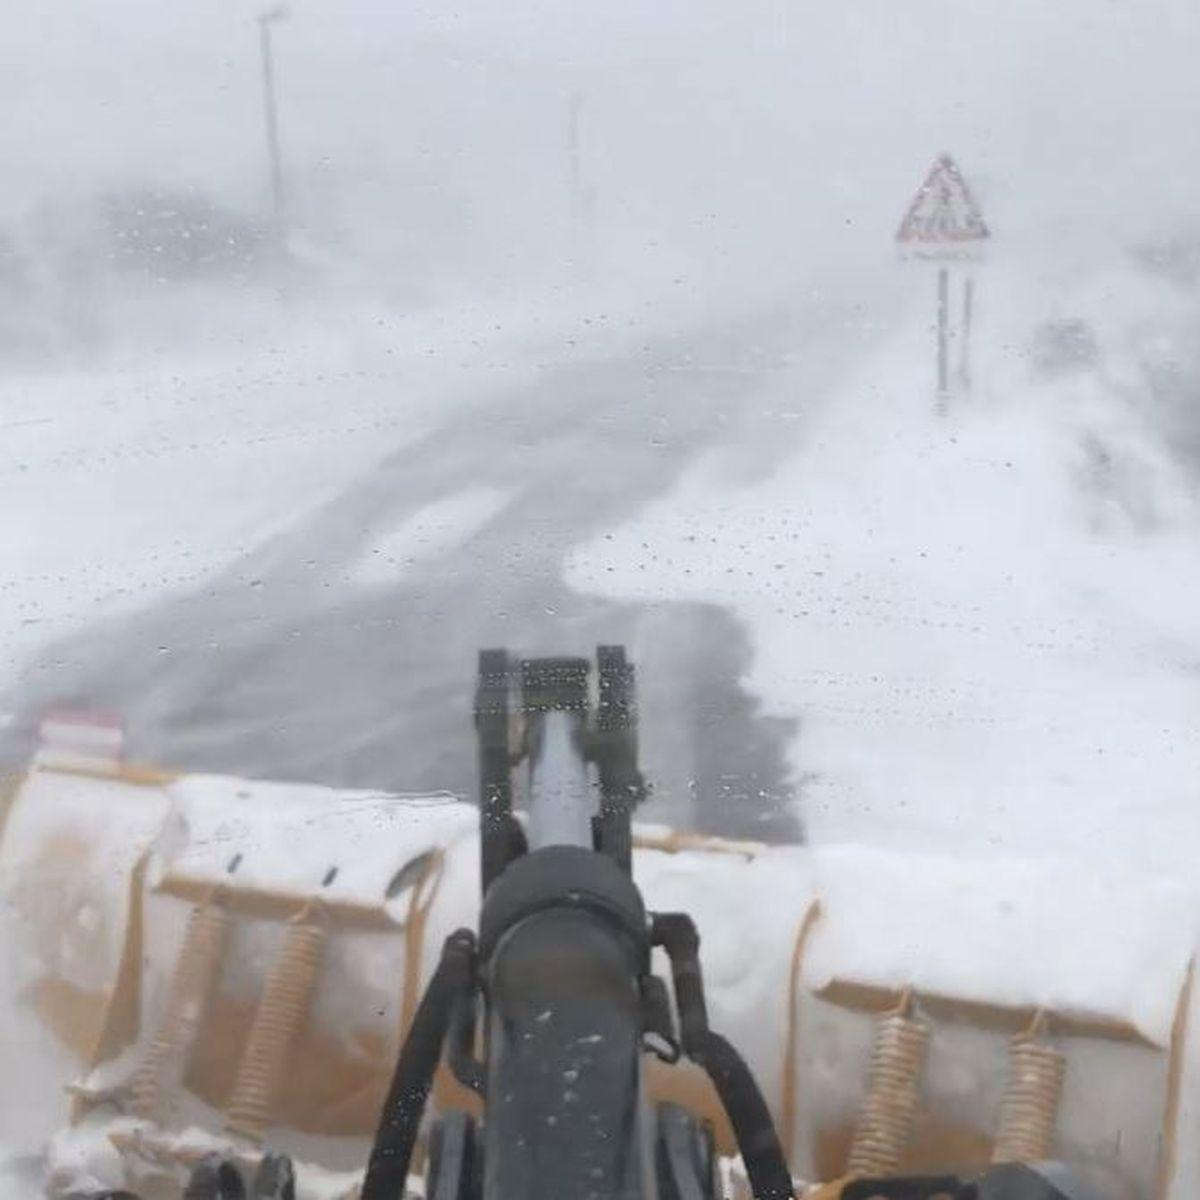 Saint-Pierre et Miquelon sous la neige et le vent : avis de tempête sur les réseaux sociaux